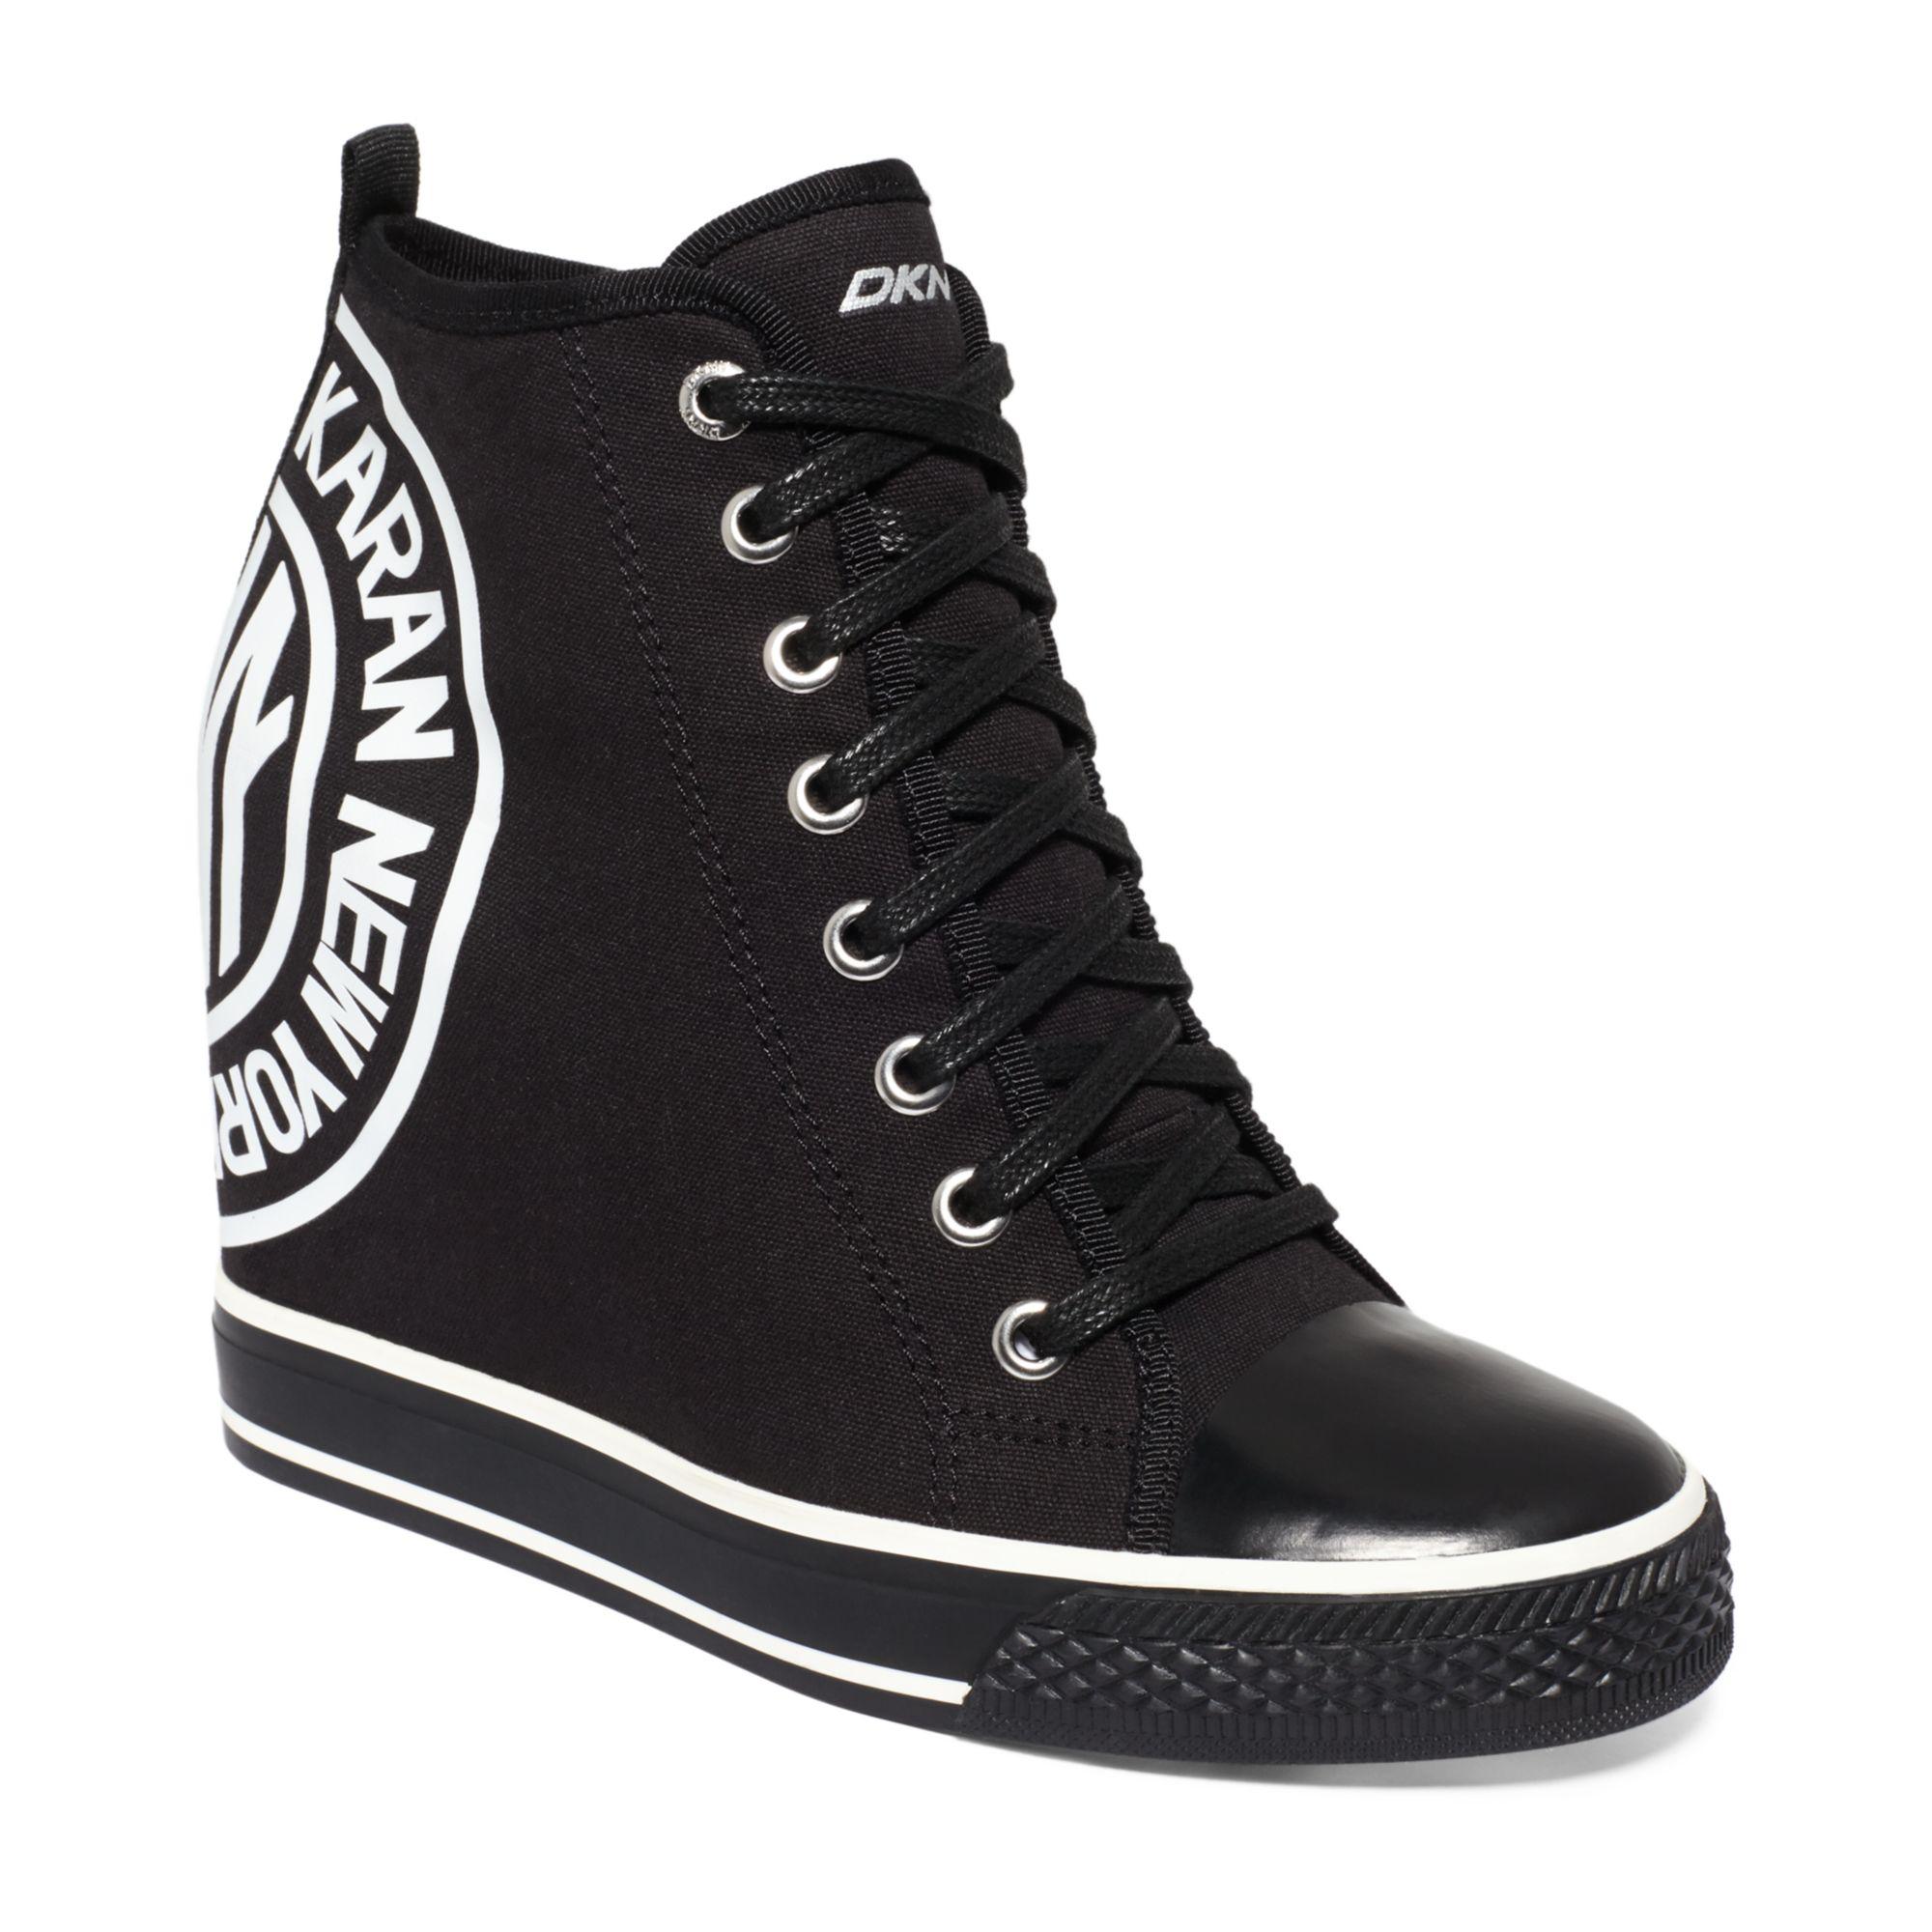 6141d22f2f56 Dkny black grommet wedge sneakers product normal jpg 2000x2000 Dkny wedge  active sneaker